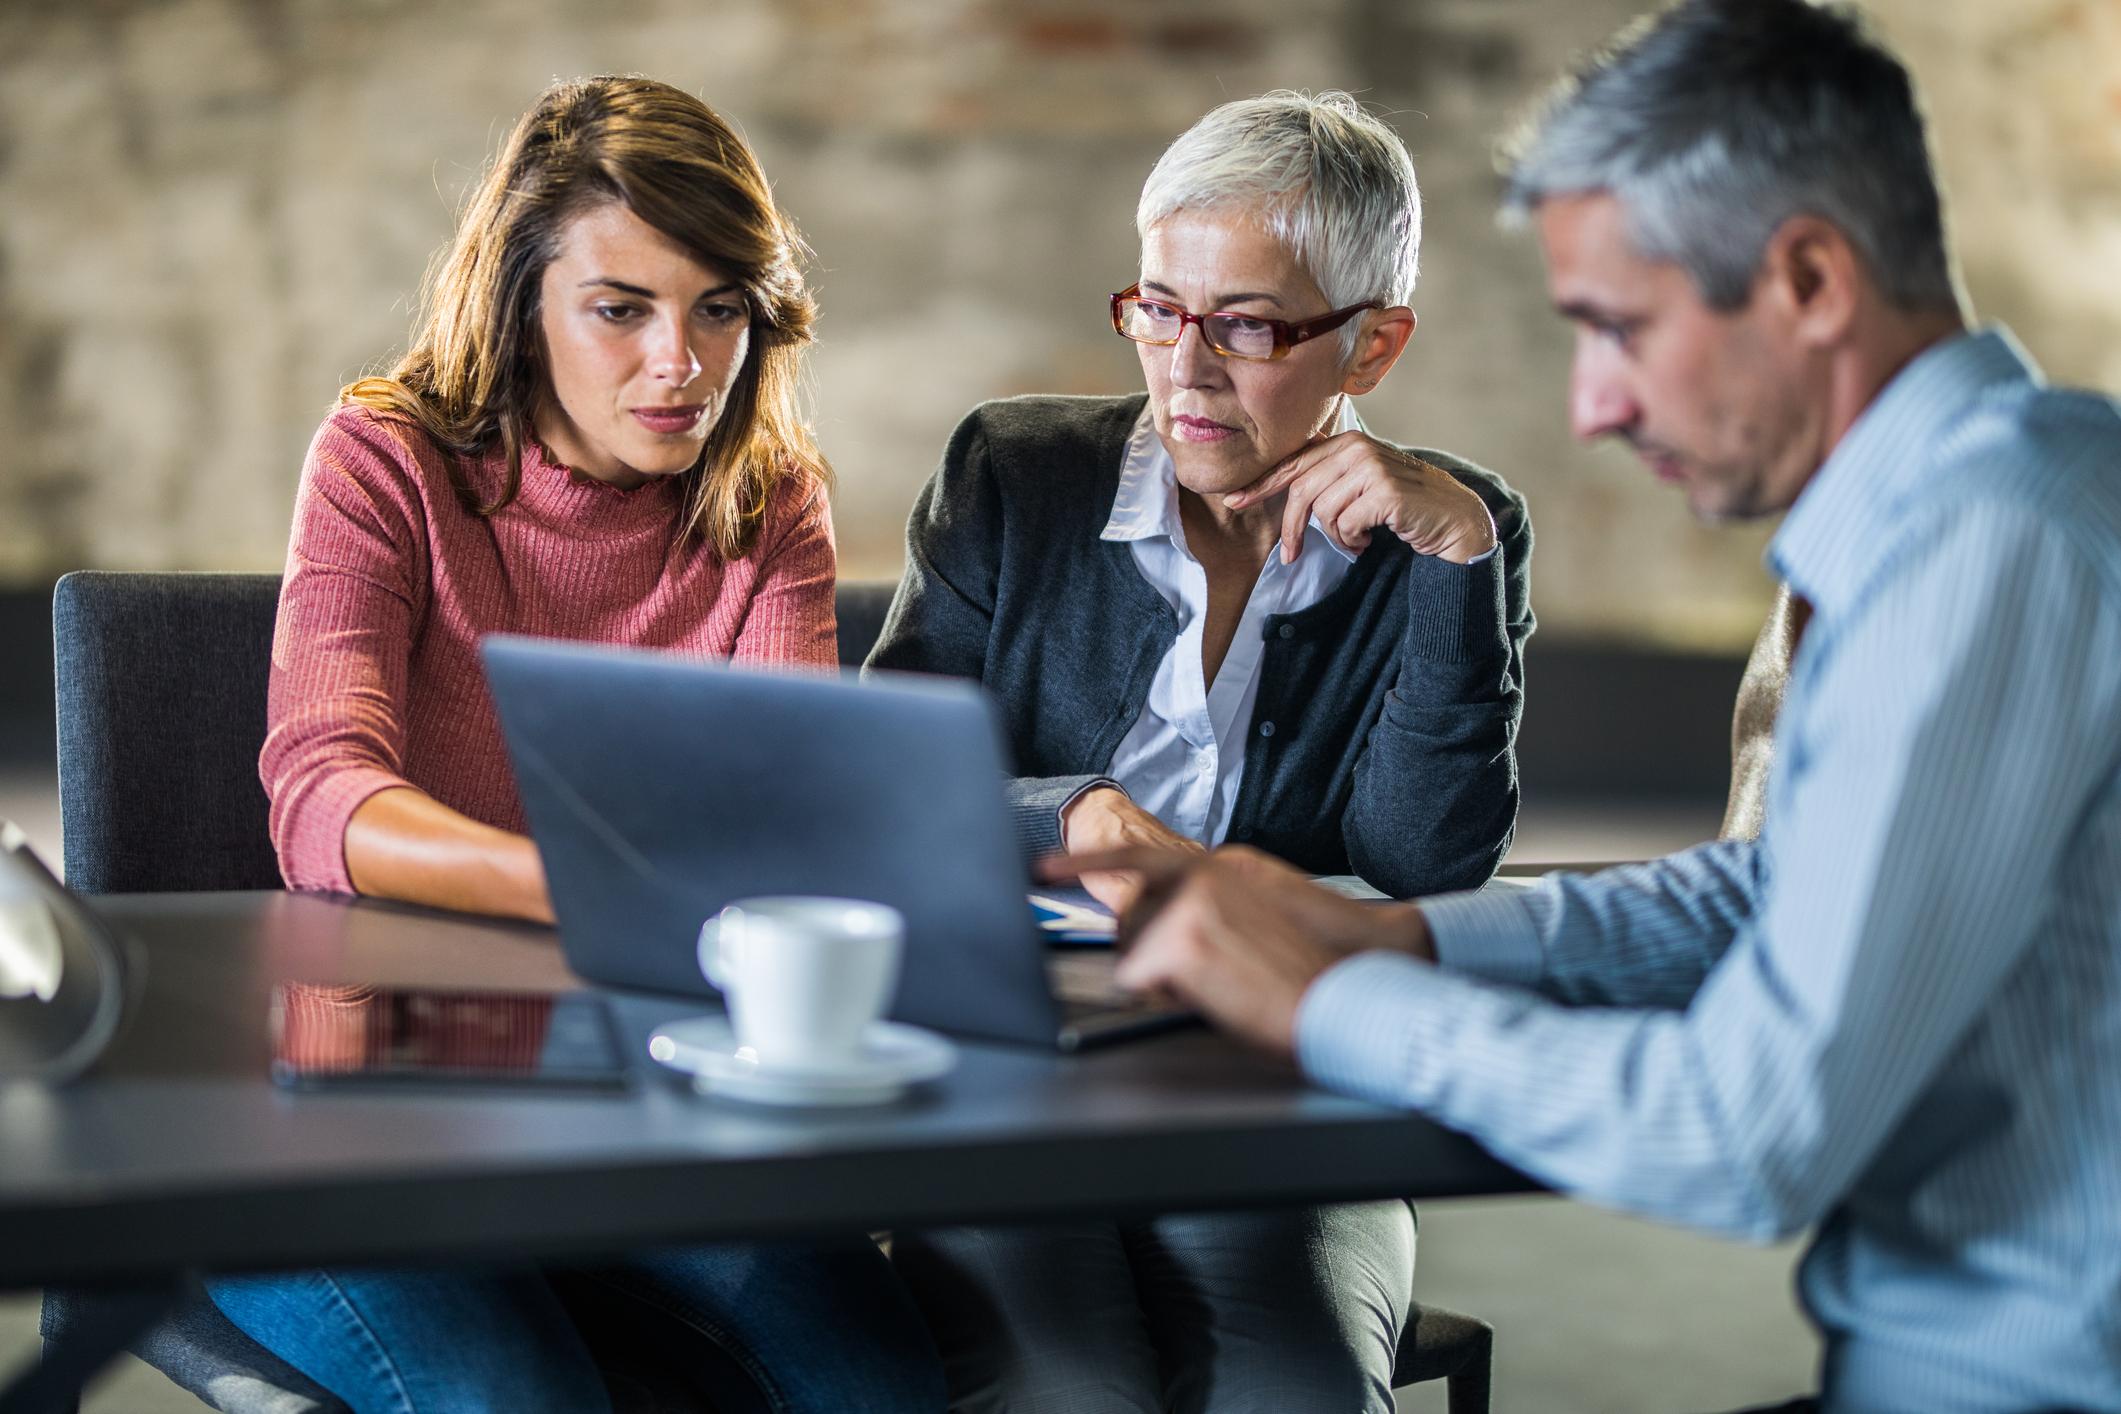 L'importance d'un contrat d'assurance vie